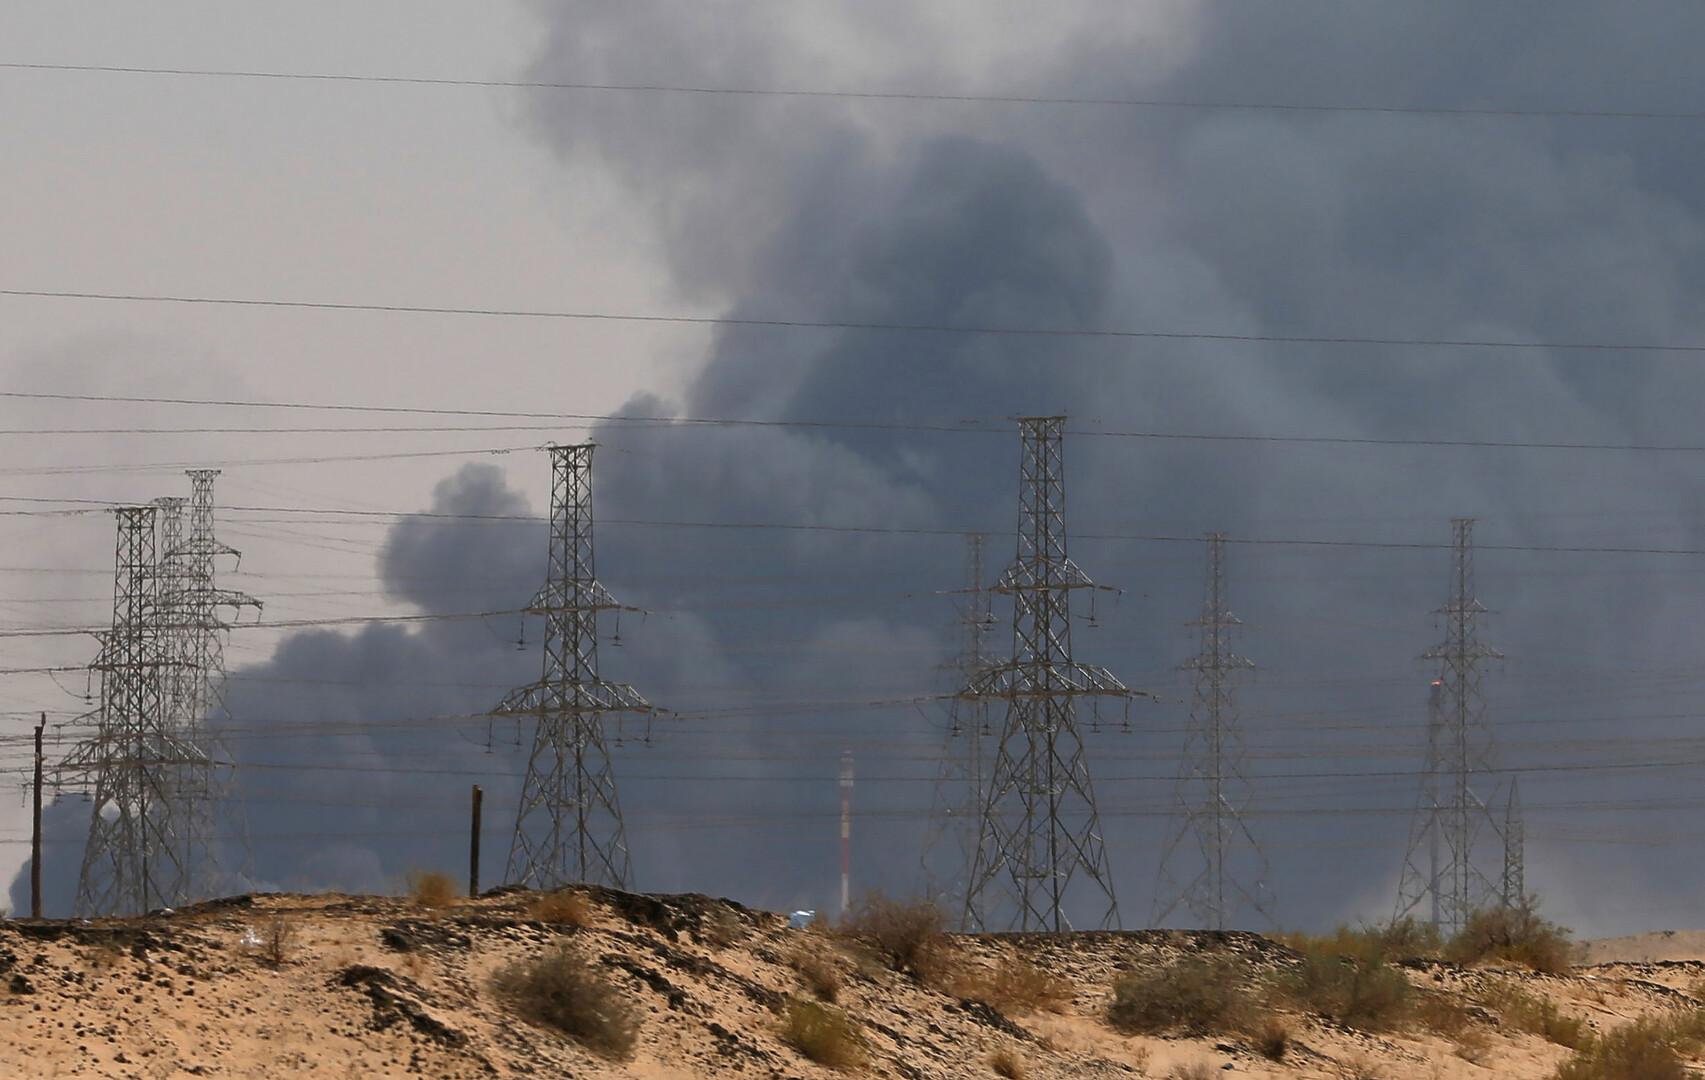 التلفزيون السعودي: صادرات النفط من المملكة مستمرة رغم الهجوم على